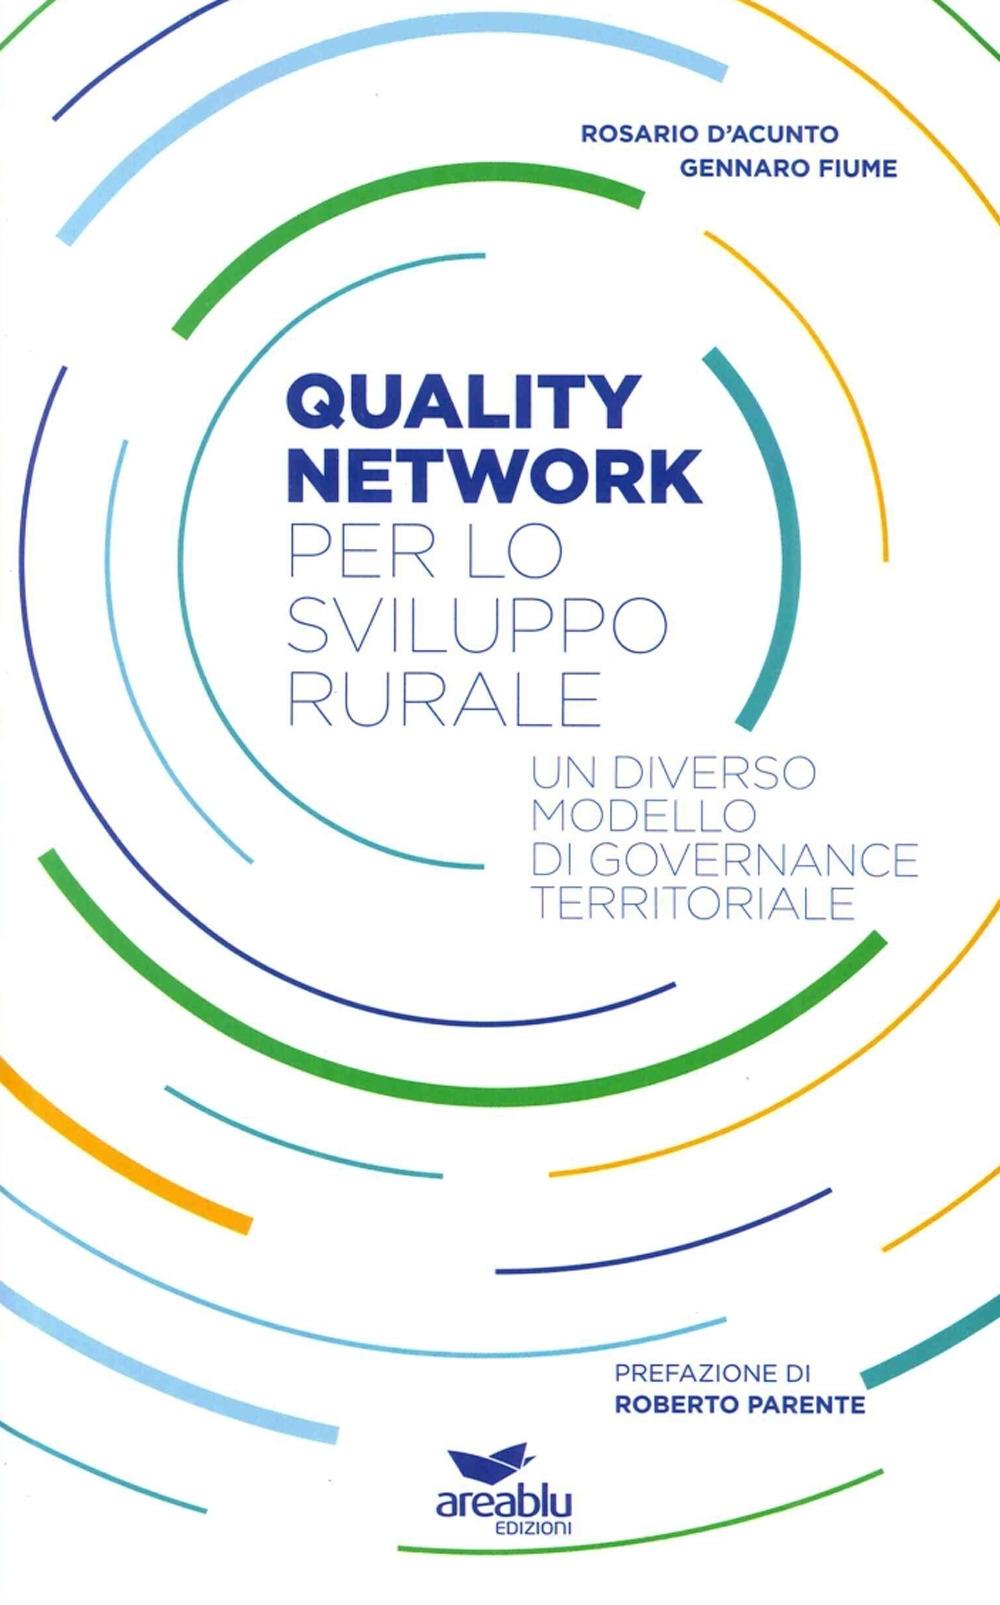 Quality Network per lo Sviluppo Rurale. Un Diverso Modello di Governance Territoriale.